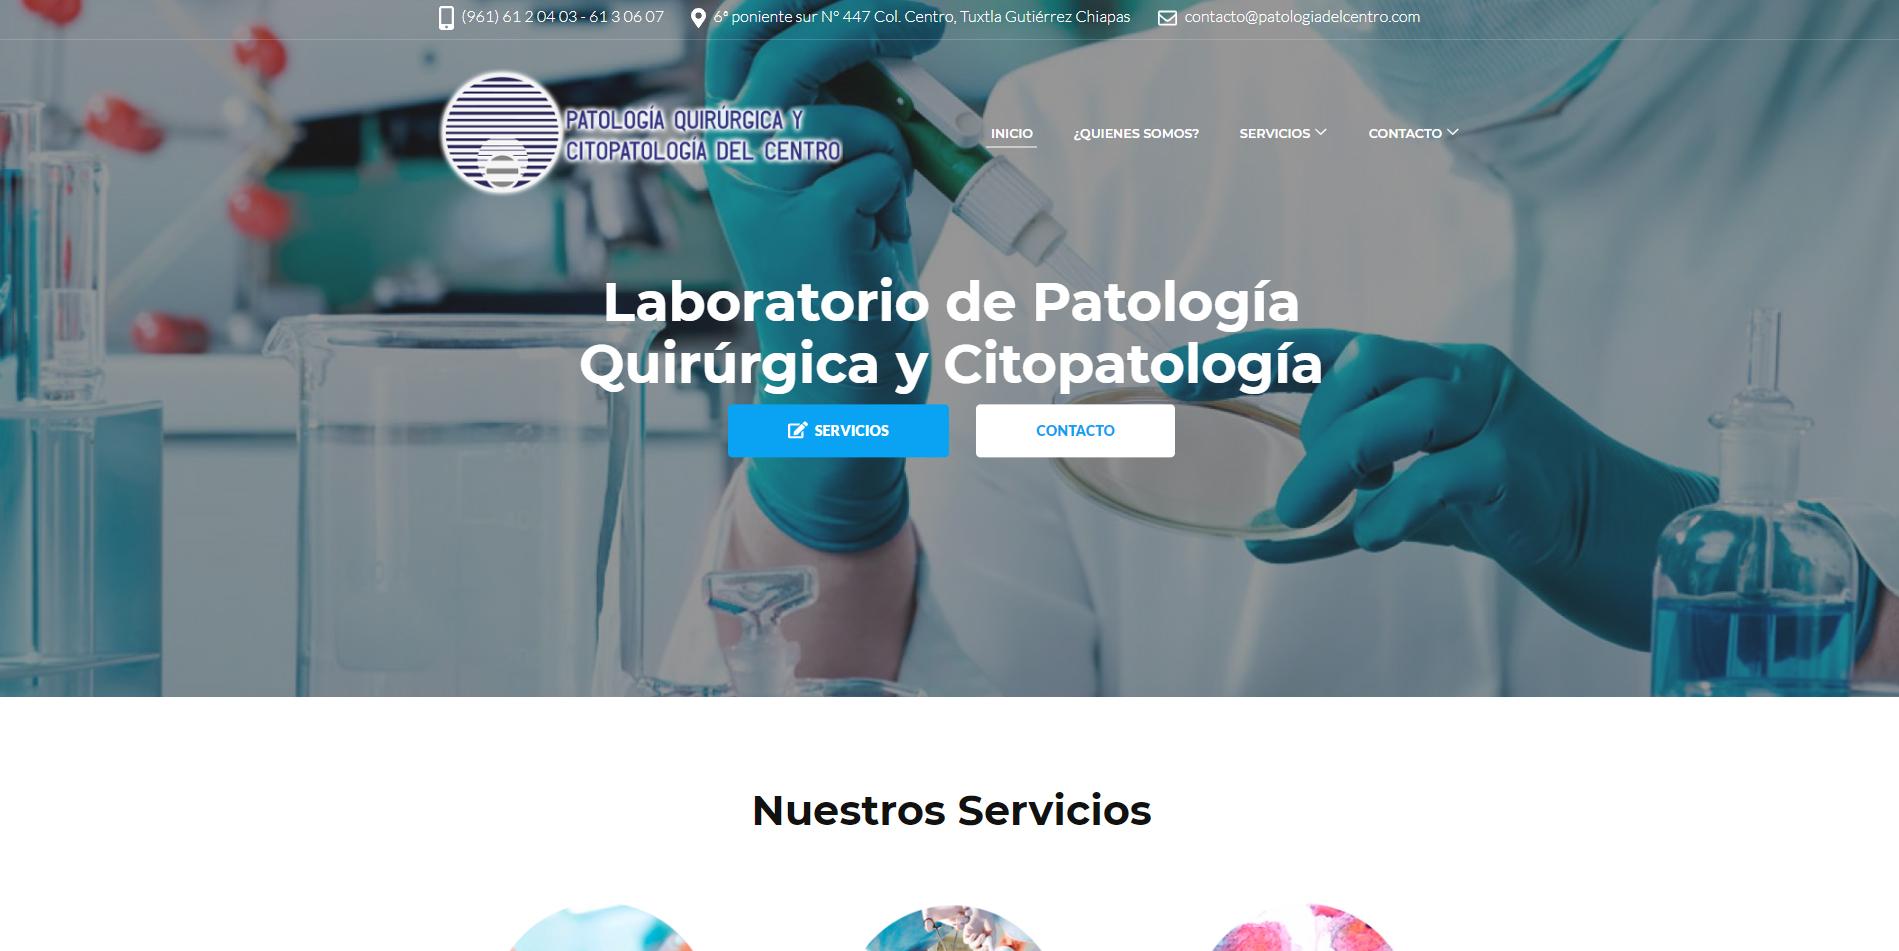 Páginas web en Tuxtla Gutierrez, Chiapas 2019